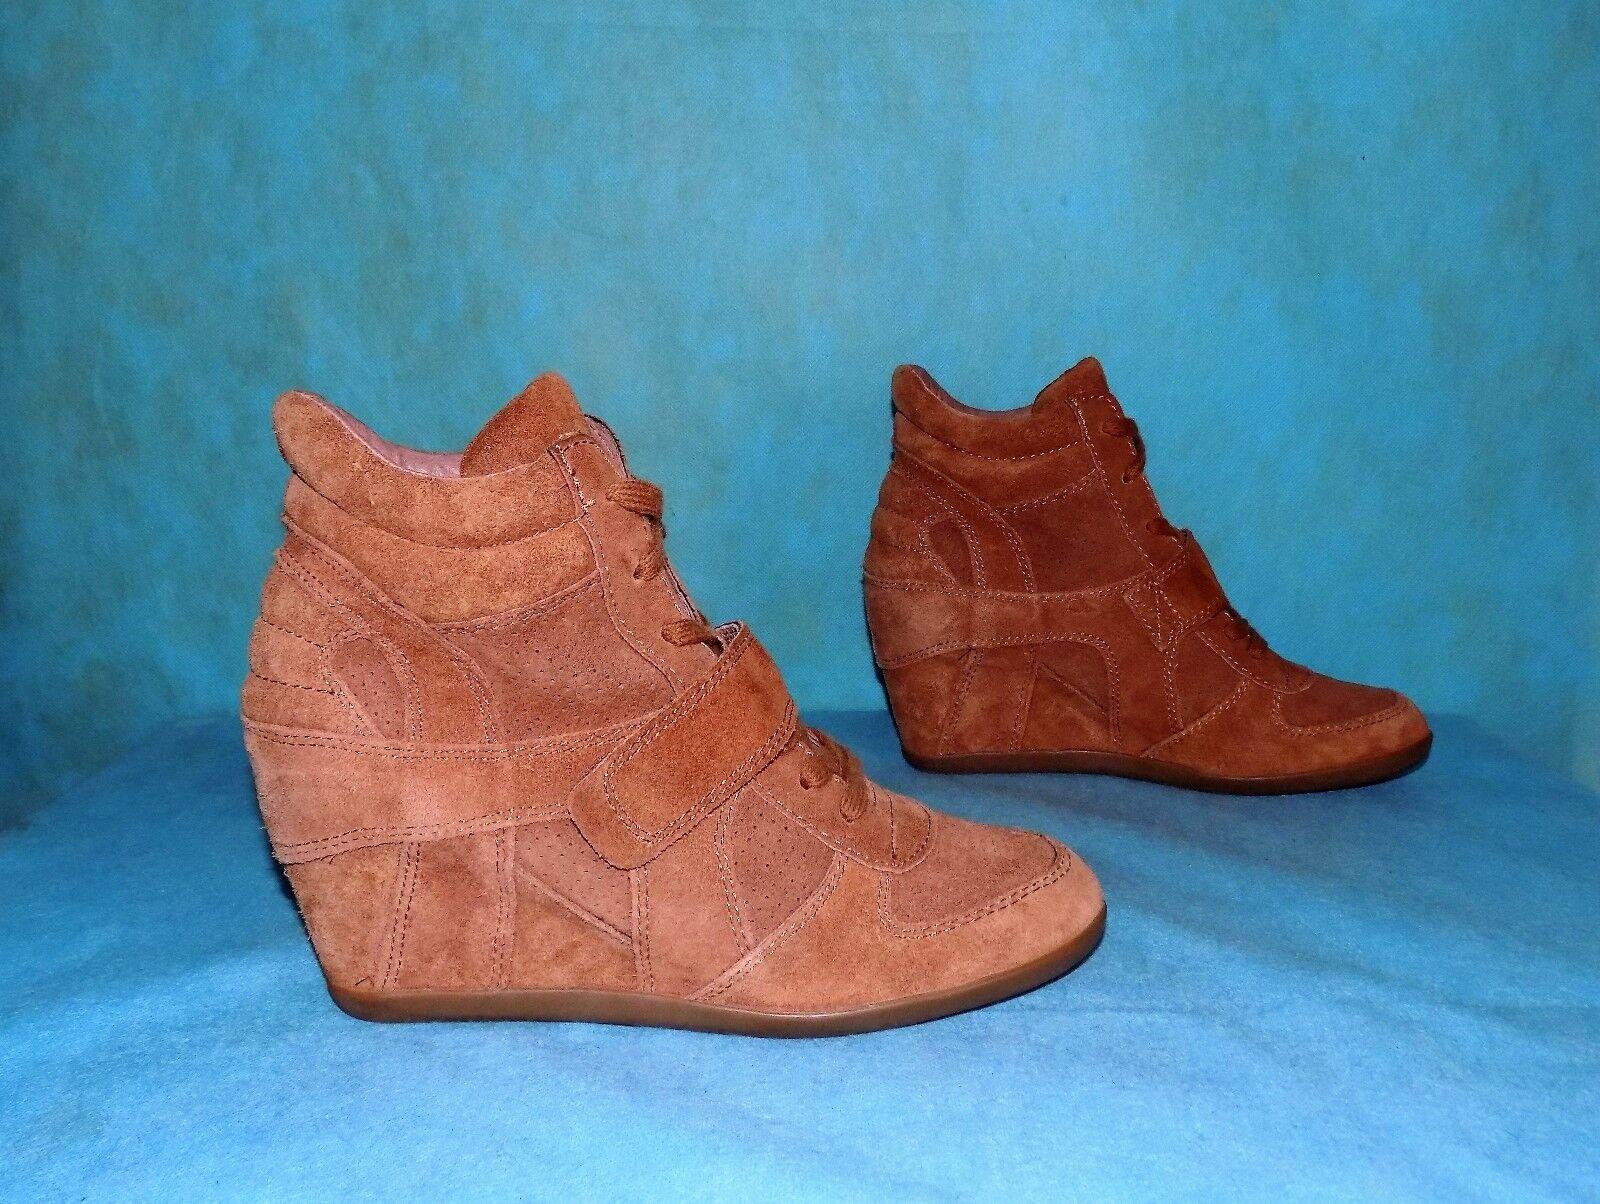 zapatillas con cuña ASH bowie de piel p 41 fr nueva con caja